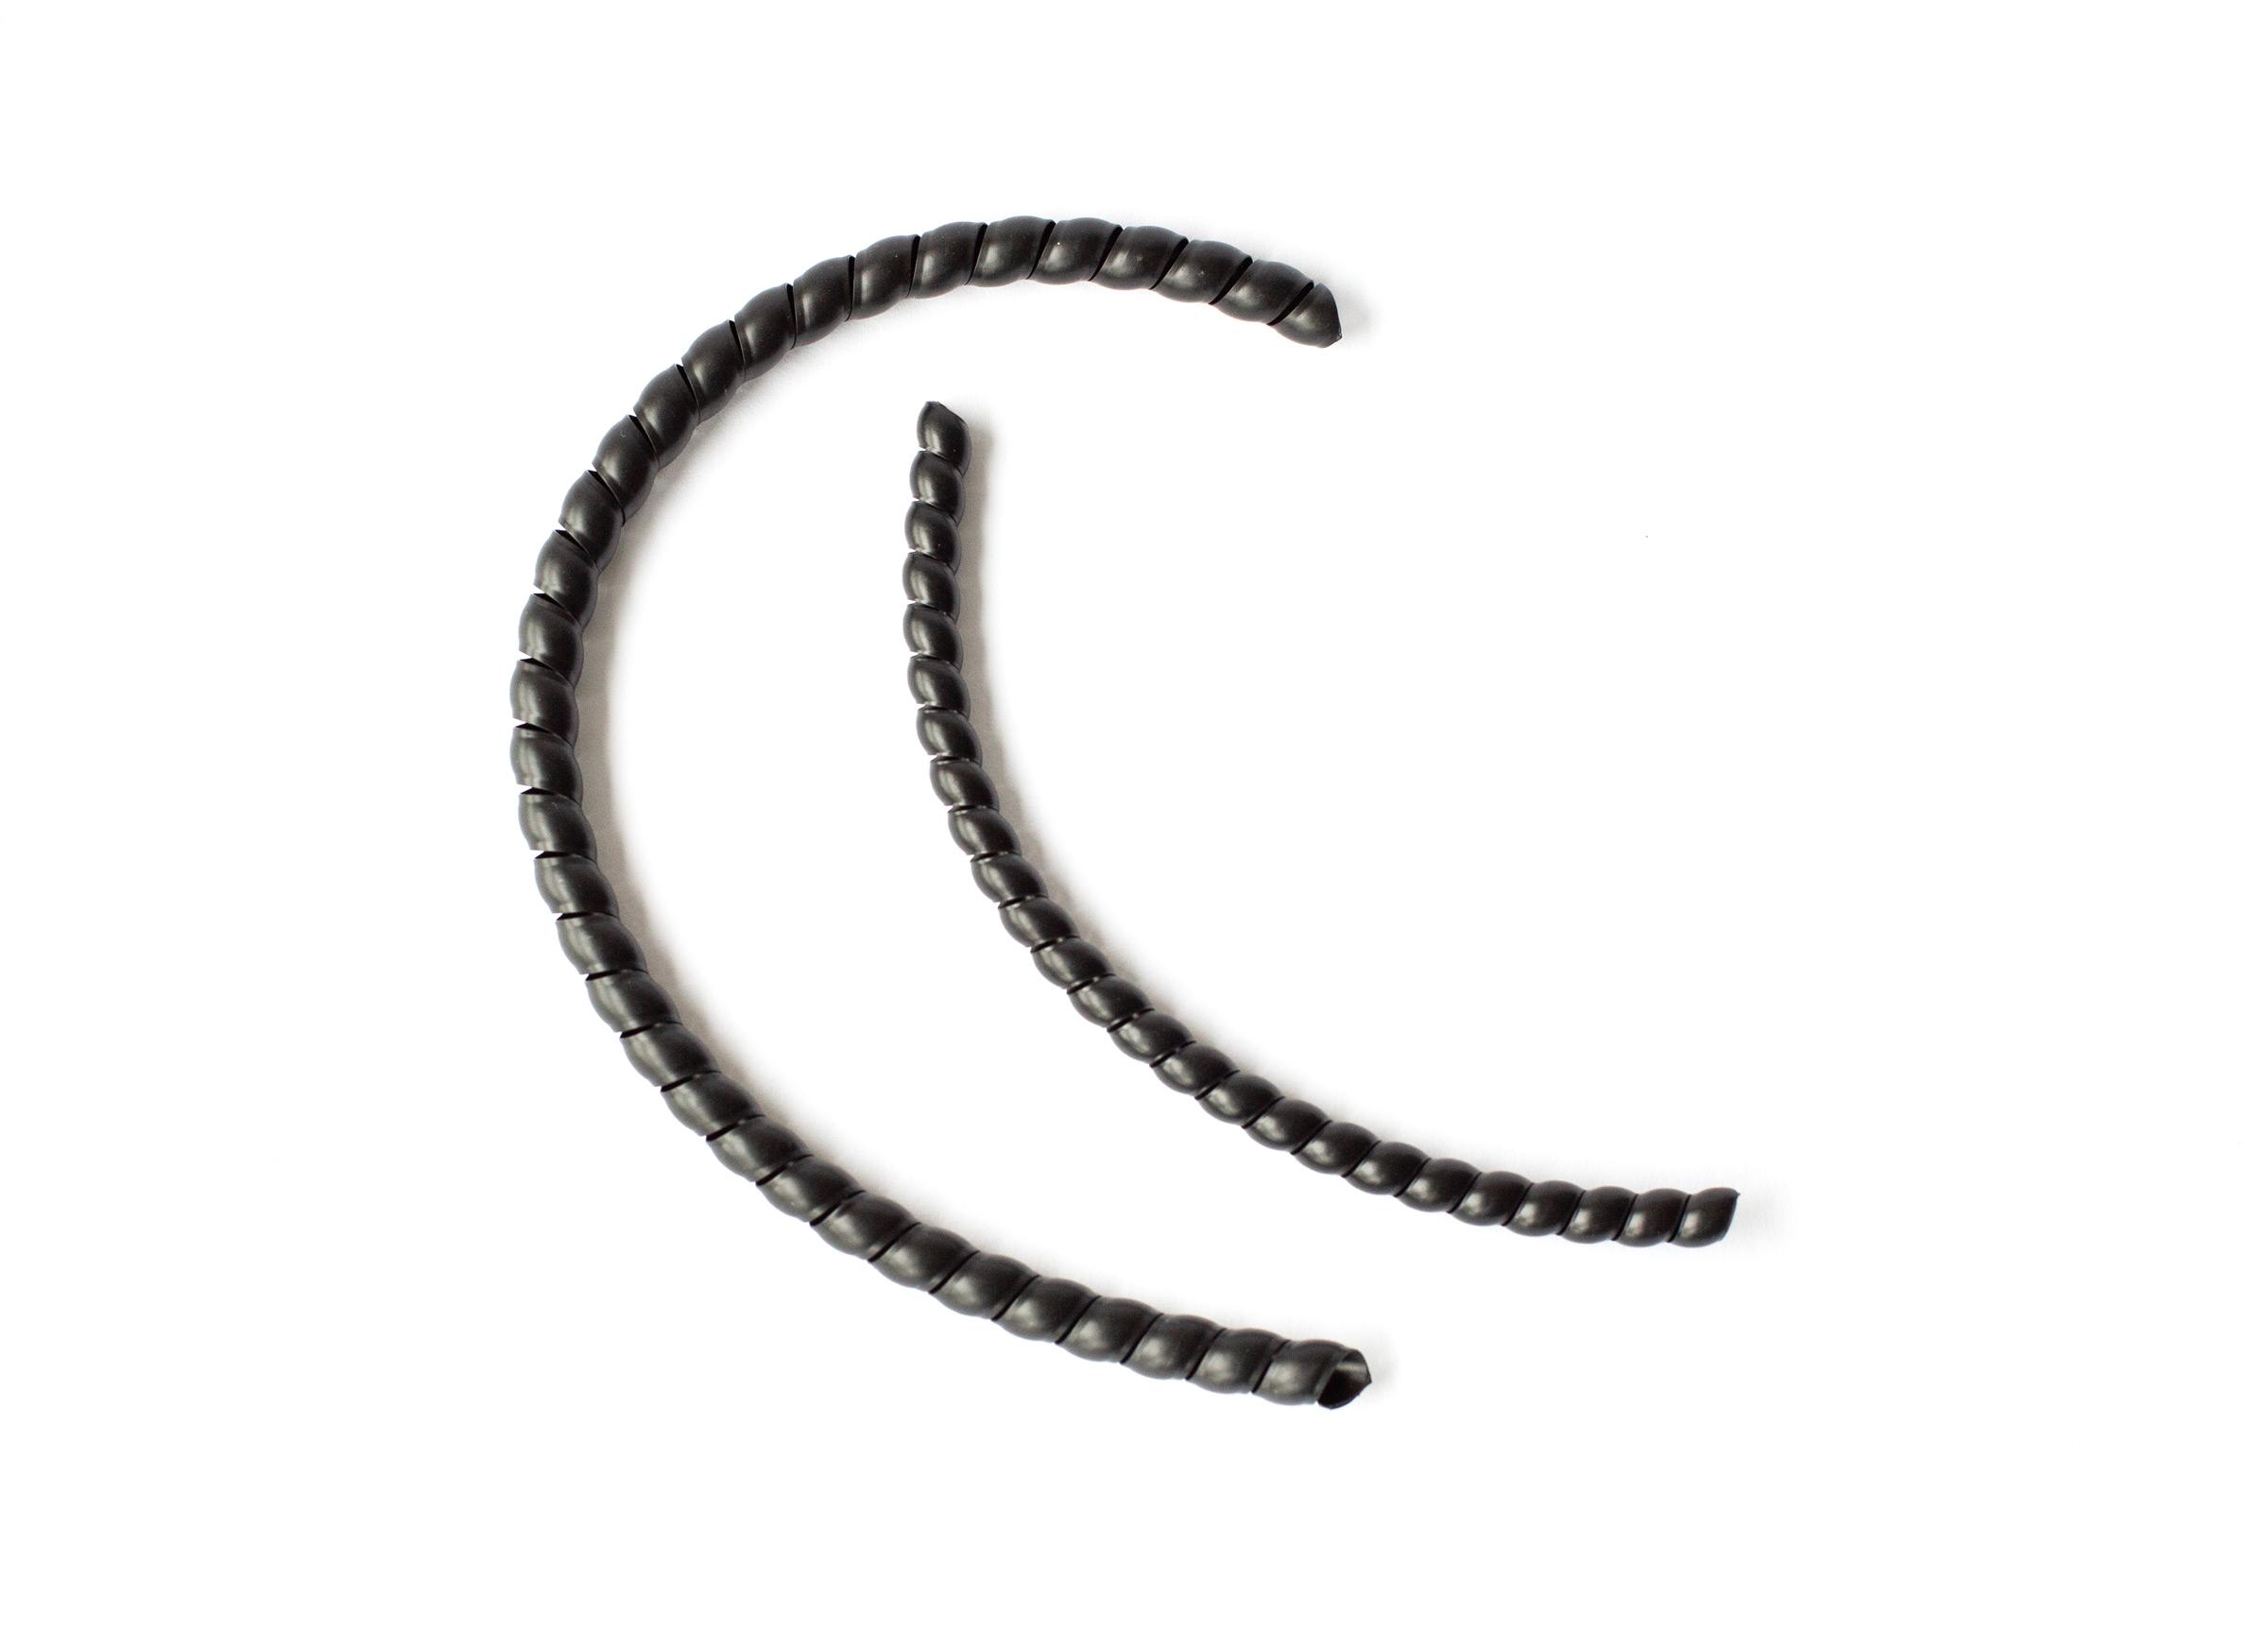 Kabelummantelung schwarz